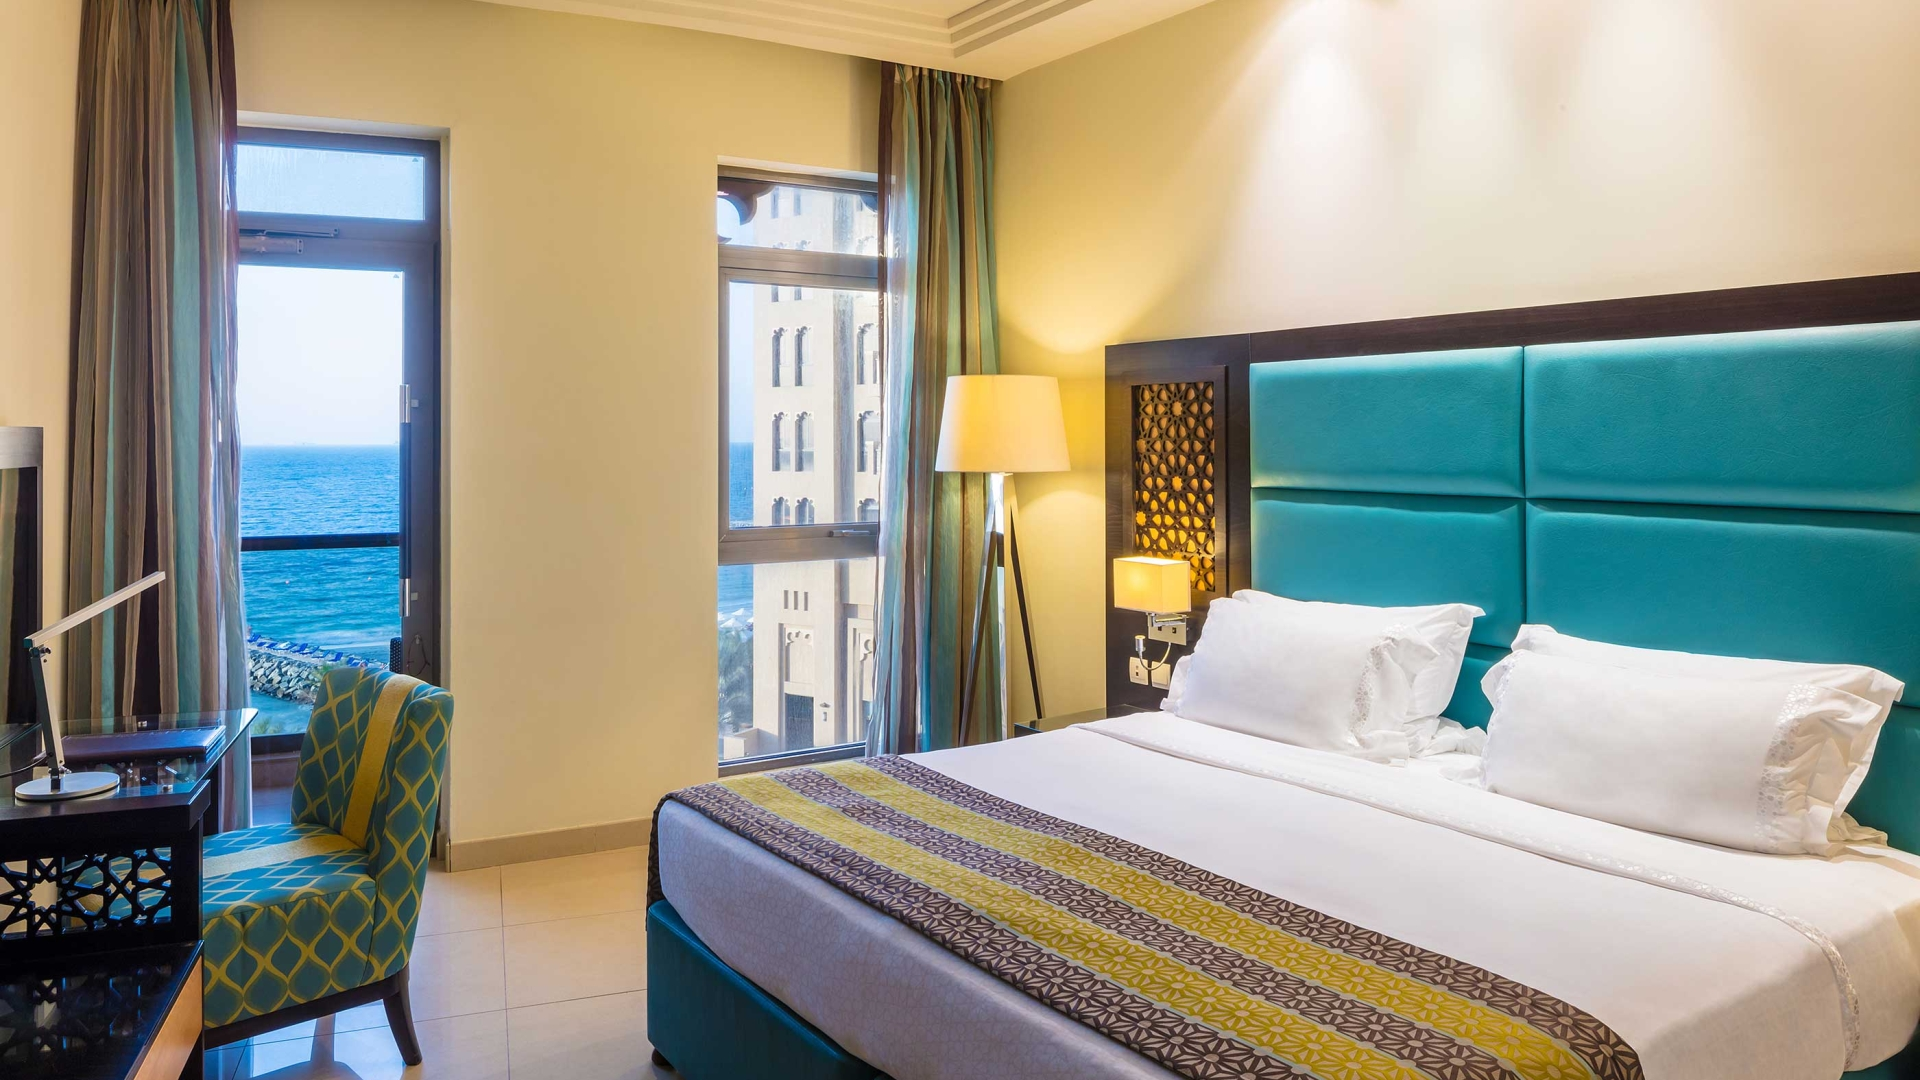 فندق باهي قصر عجمان صور عامة للغرف